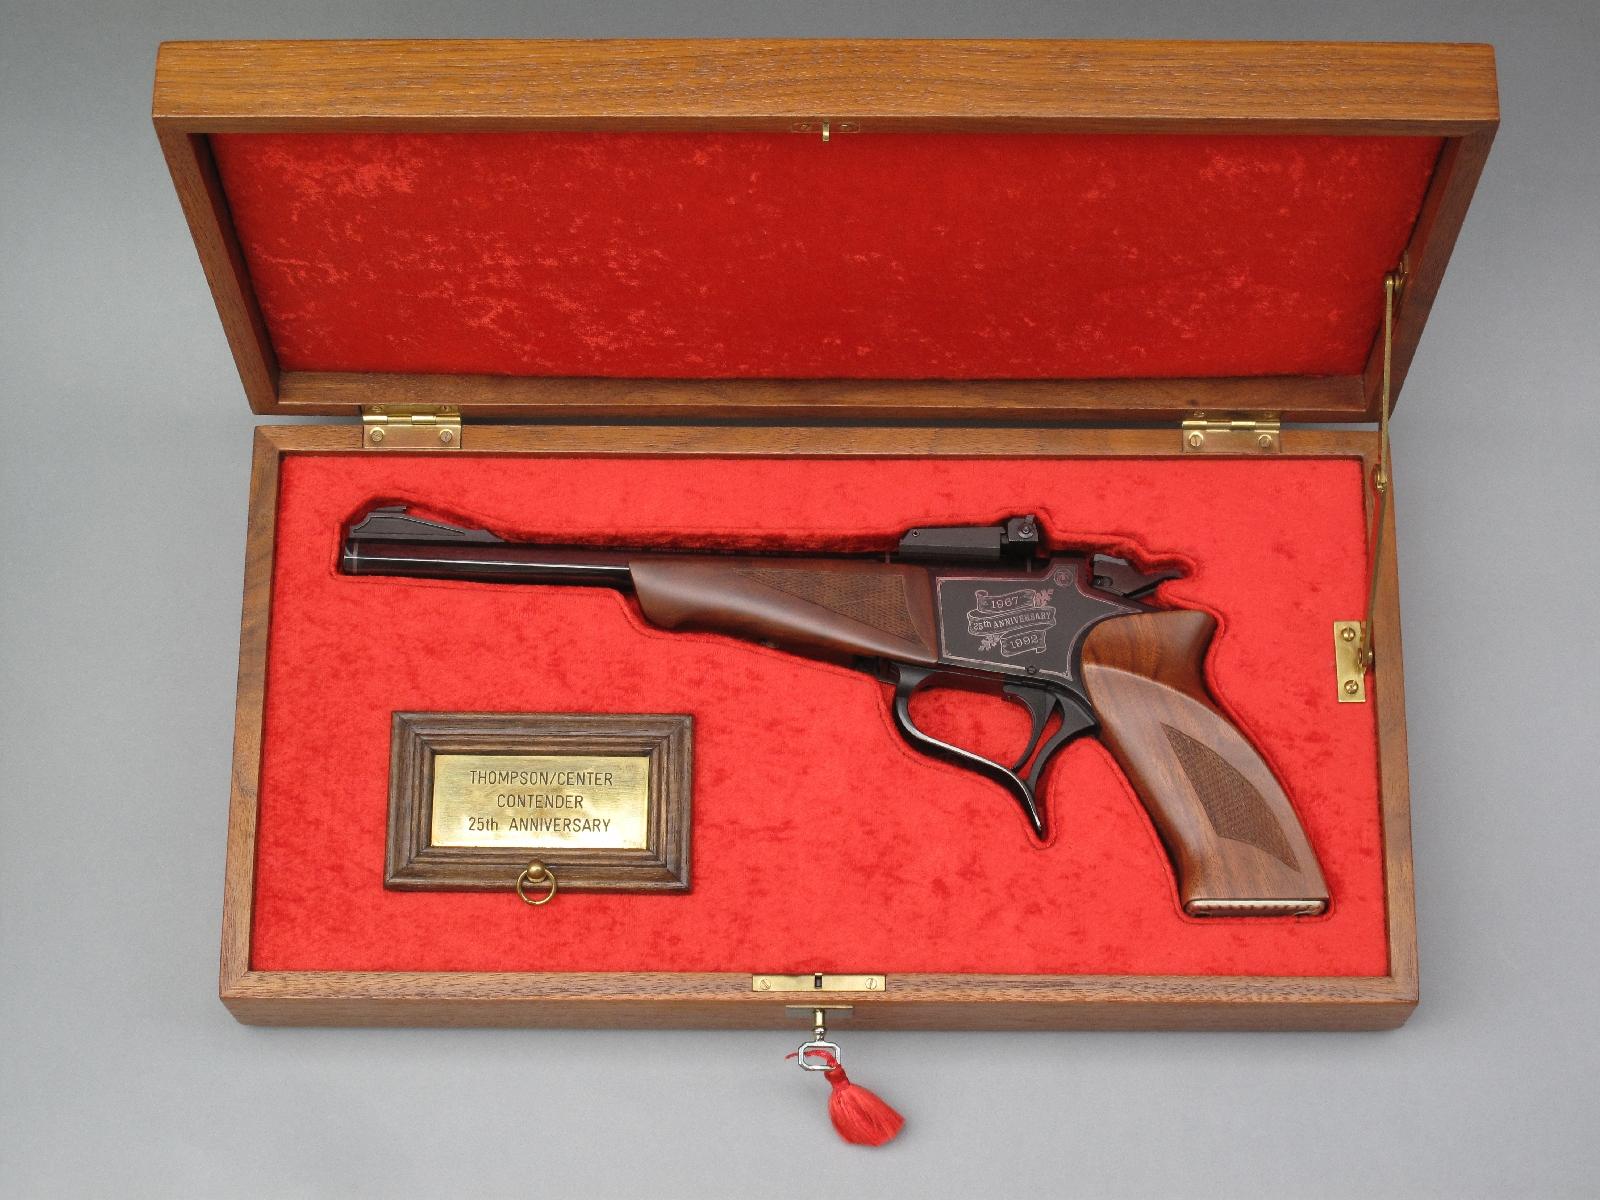 Ce coffret en noyer, agencé « à la française » et garni de velours rouge, a été réalisé pour un pistolet Contender en calibre .22 Long Rifle commémoratif du 25ème anniversaire (1967-1992) de la firme américaine Thompson/Center.